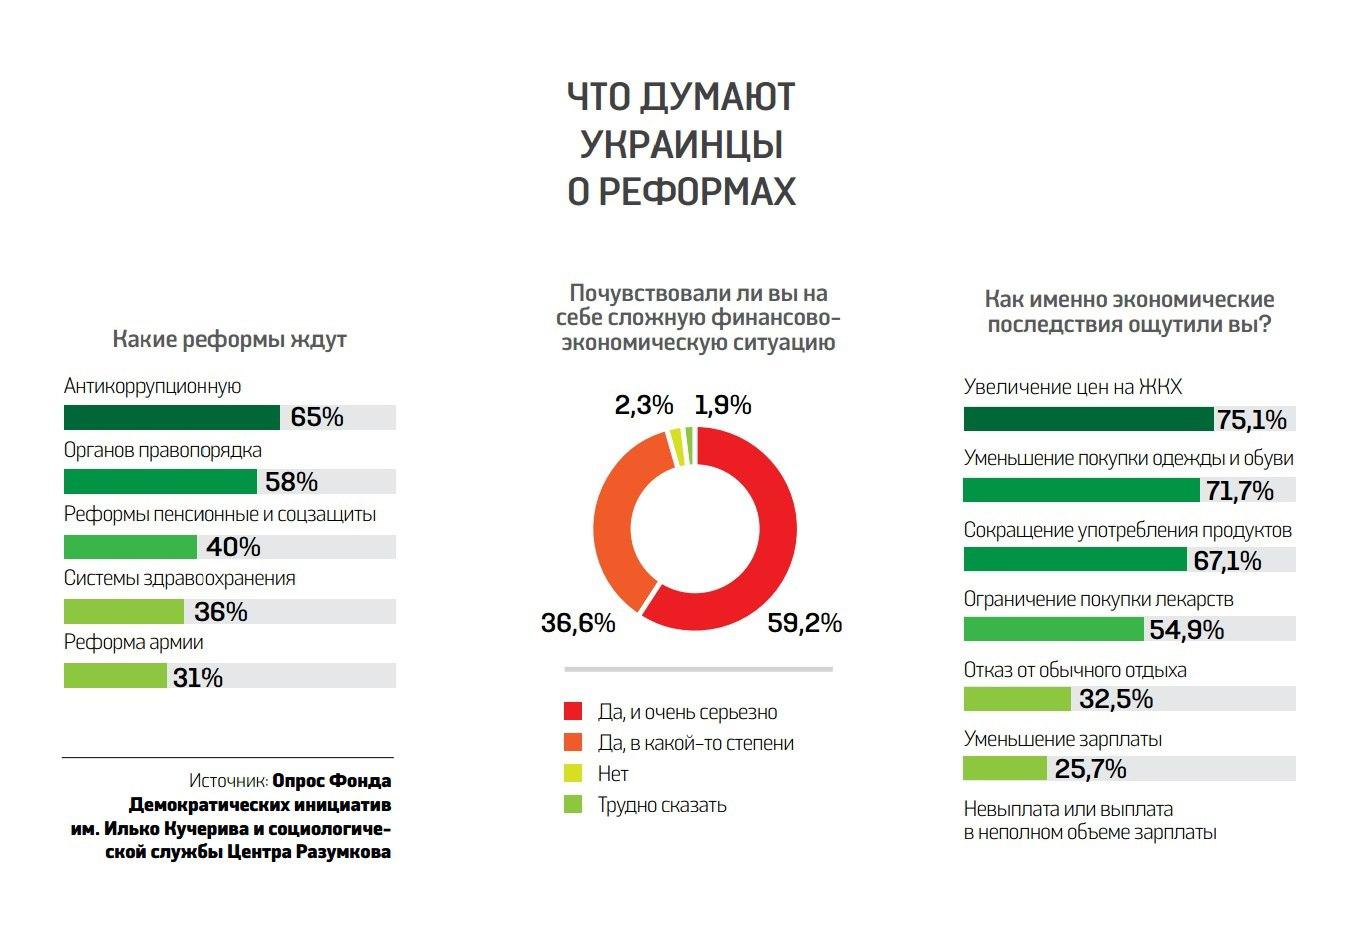 Украинцы назвали самую долгожданную реформу. Фото 1